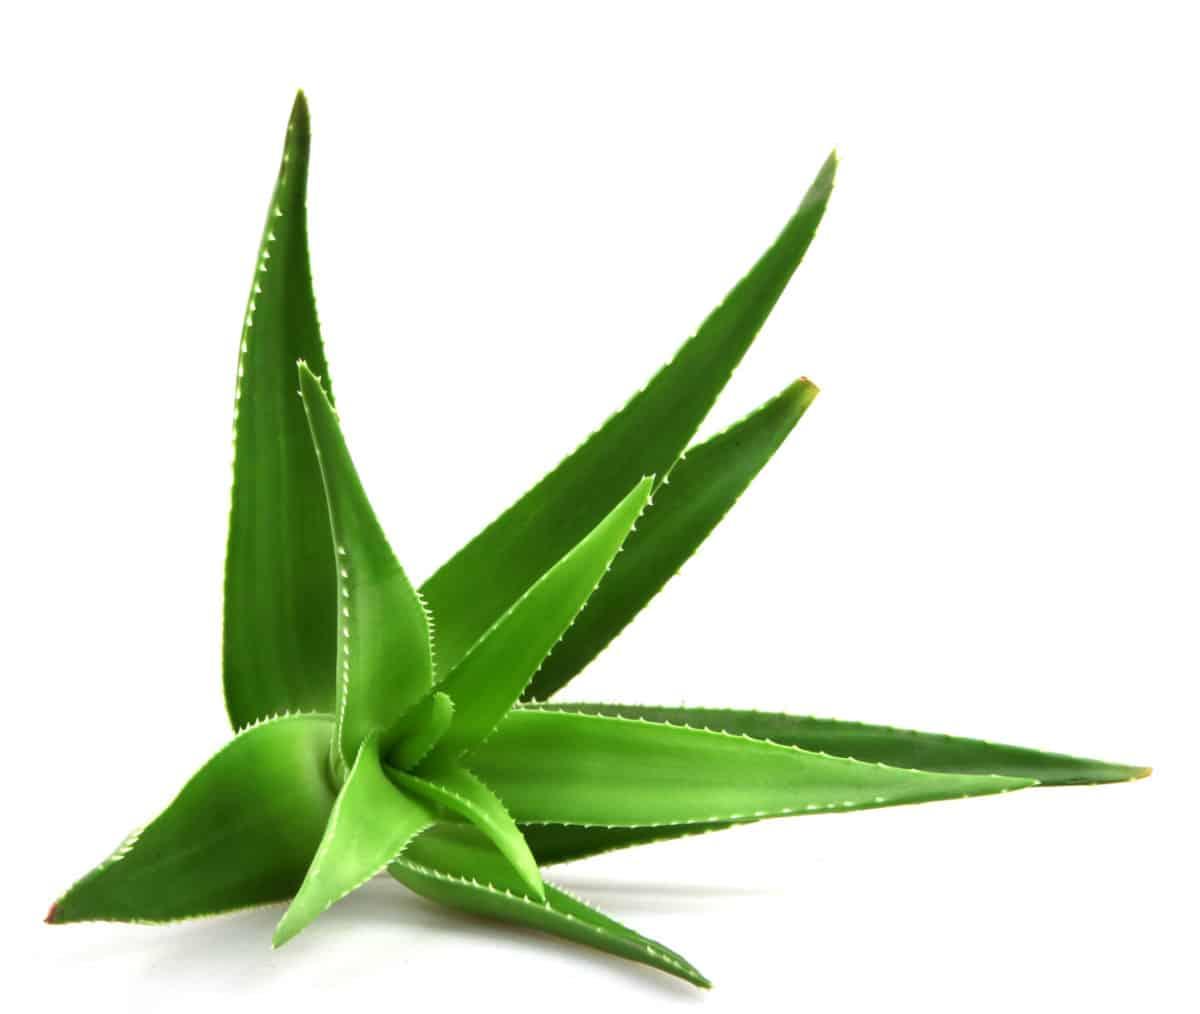 Erfahre mehr über Aloe und die heilende Wirkung bei Krankheiten wie Blähungen, Durchfall und Verstopfung. Fotolia © Nenov Brothers